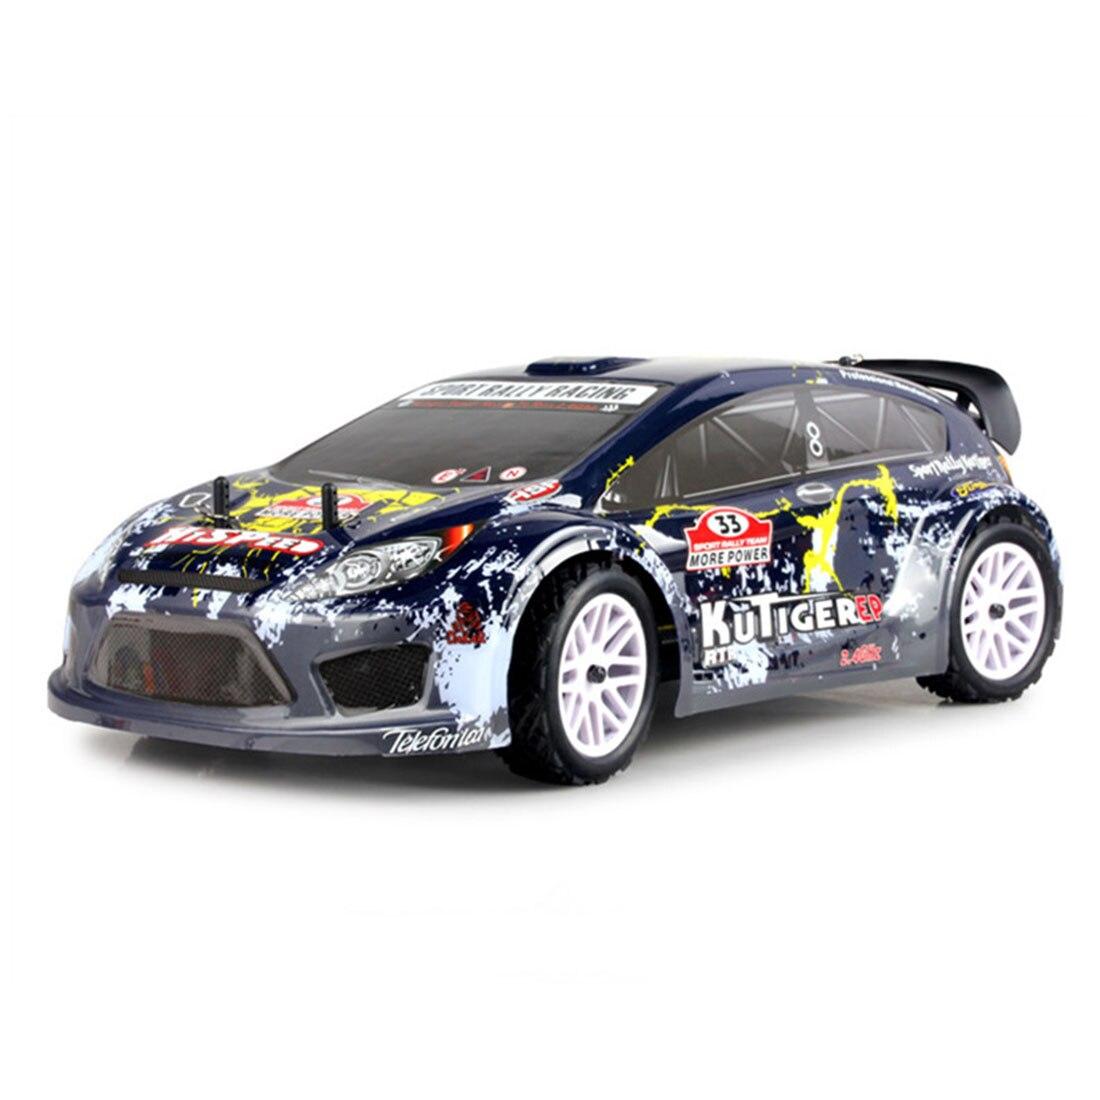 HSP 94118 1:10 4WD électrique brossé haute vitesse tout-terrain rallye Racing 2.4G sans fil RC modèle voiture (couleur aléatoire de la coque de voiture)